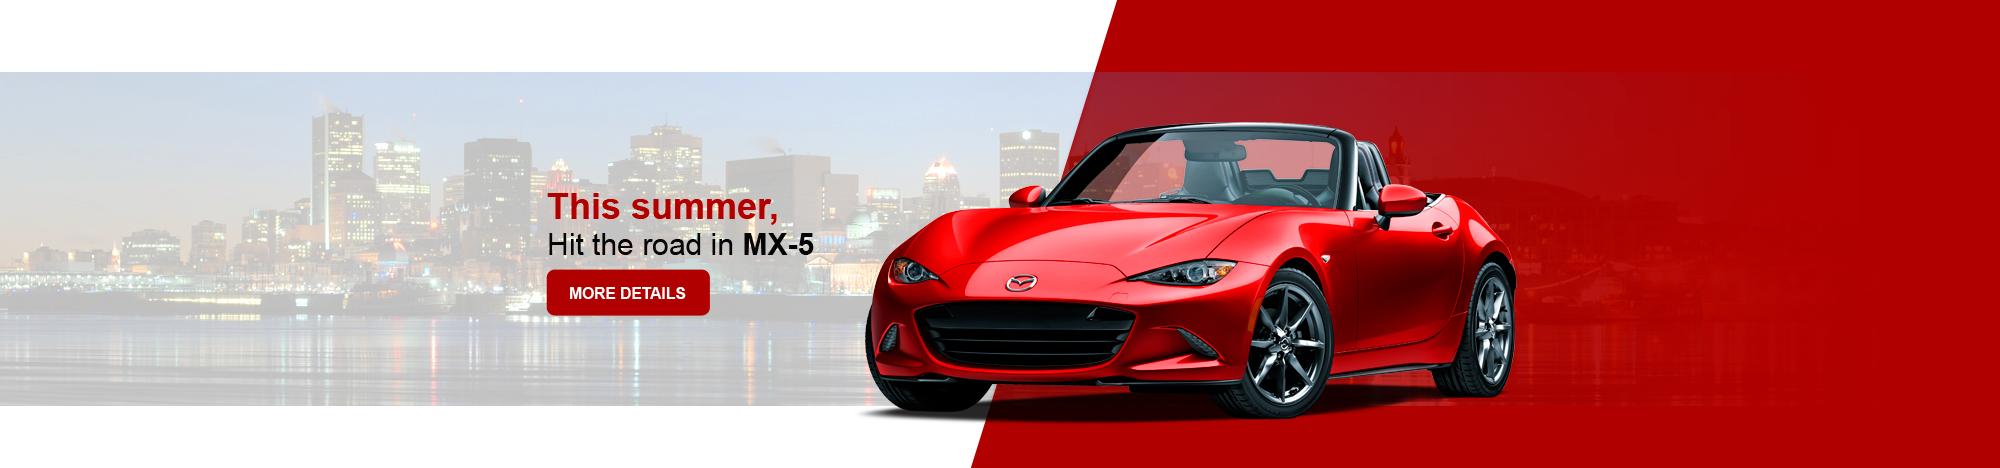 The new Mazda MX-5 2017 !